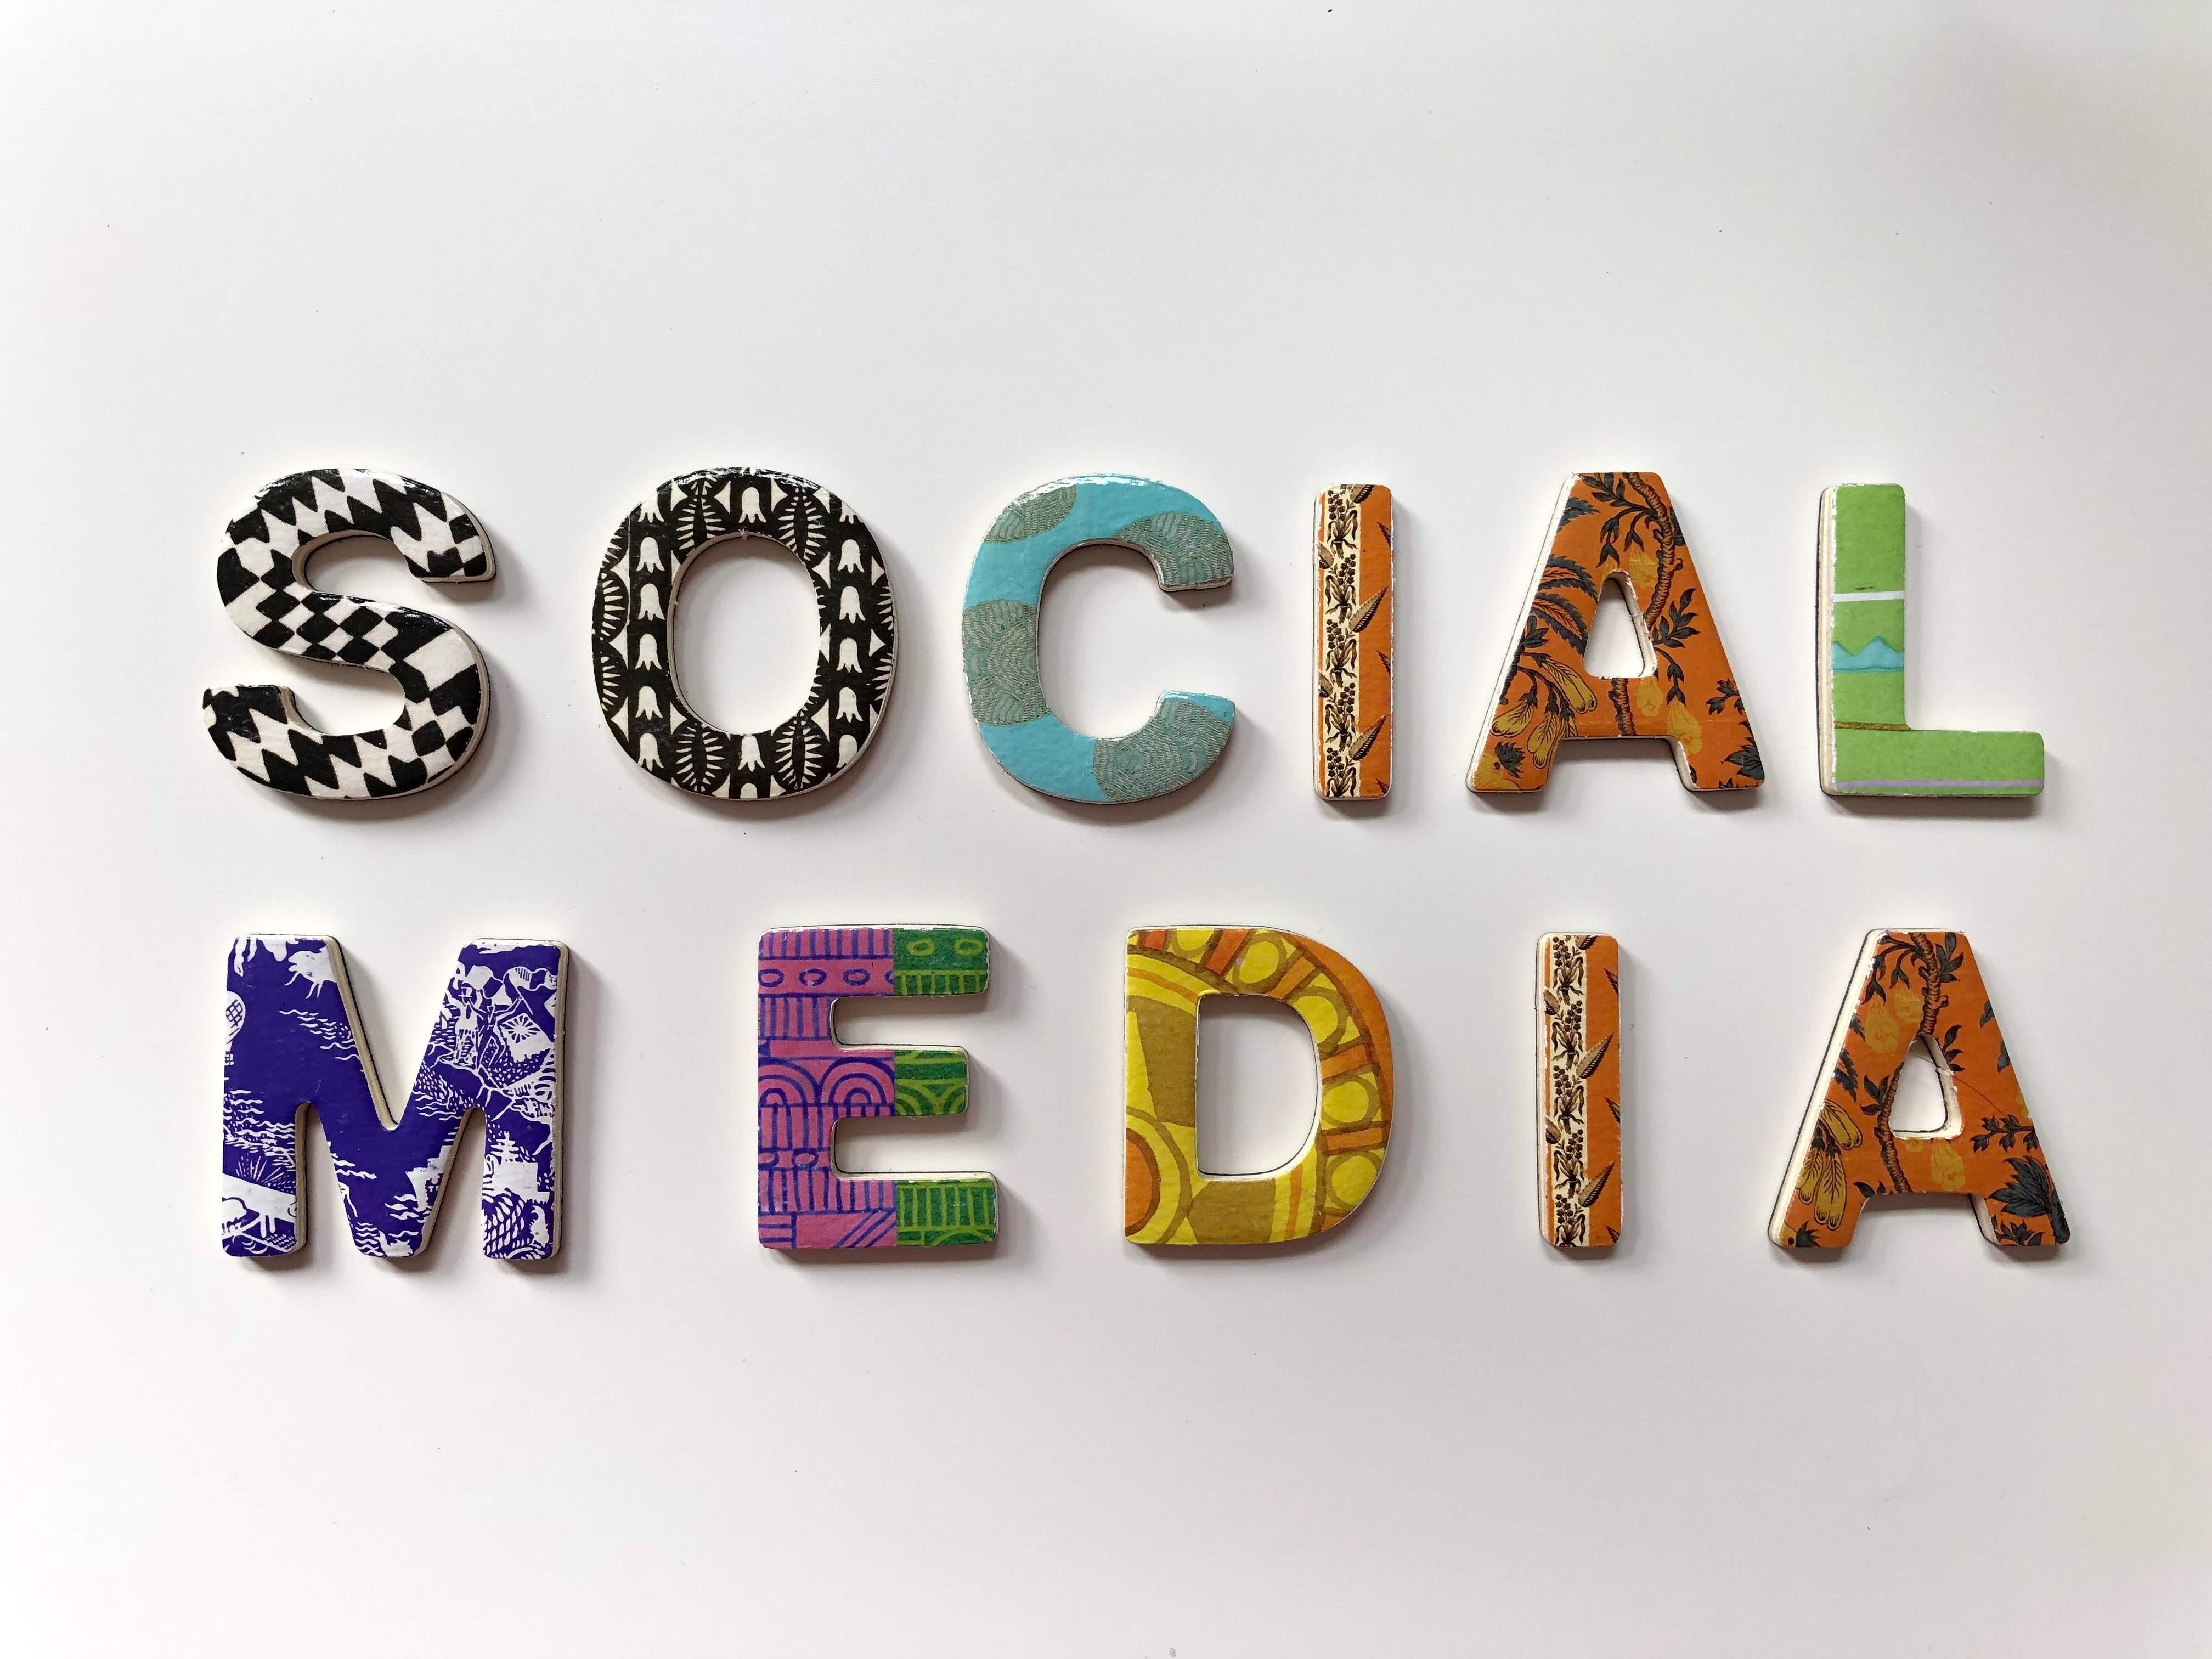 I migliori strumenti di Instagram per aumentare i tuoi follower e i tuoi guadagni nel 2020_1